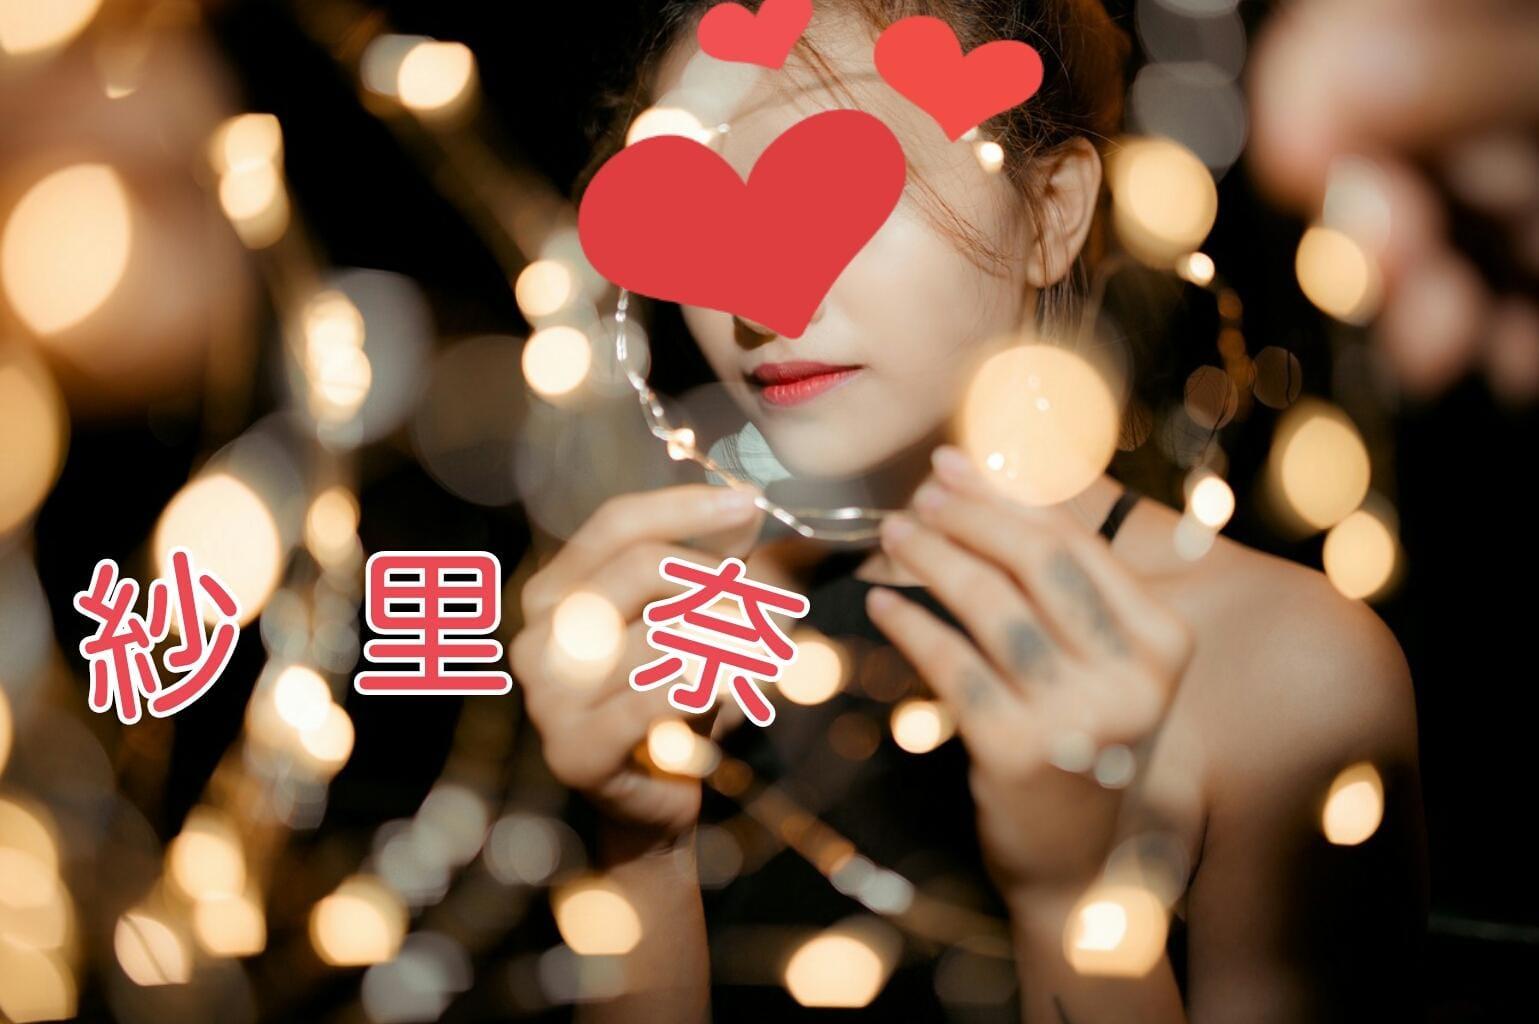 紗里奈-さりな「お礼 O様」10/22(月) 19:09   紗里奈-さりなの写メ・風俗動画